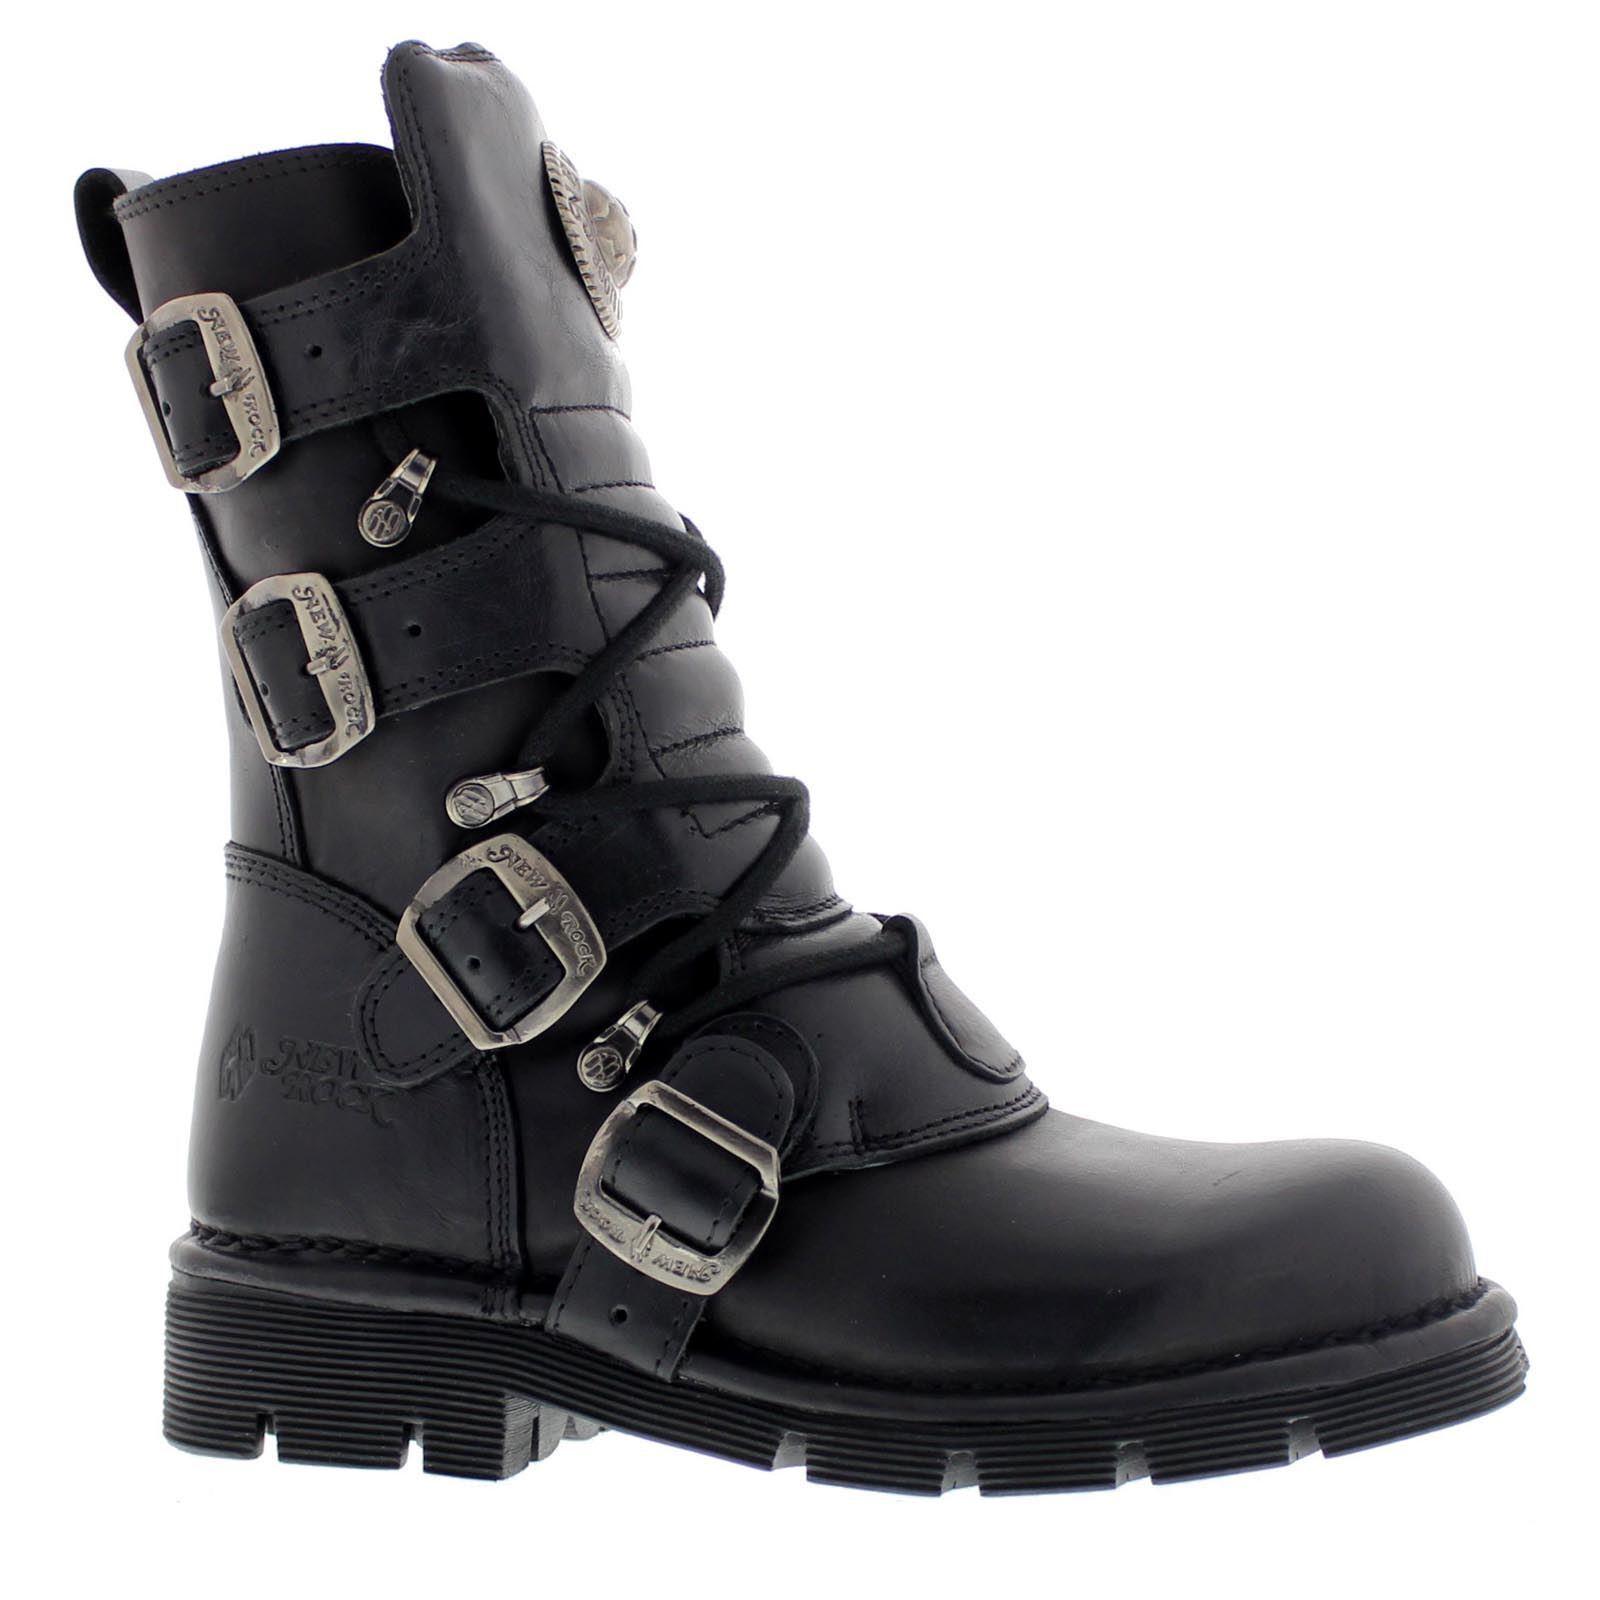 Grandes zapatos con descuento New Rock M 1473-S1 Black Womens - Mens Boots